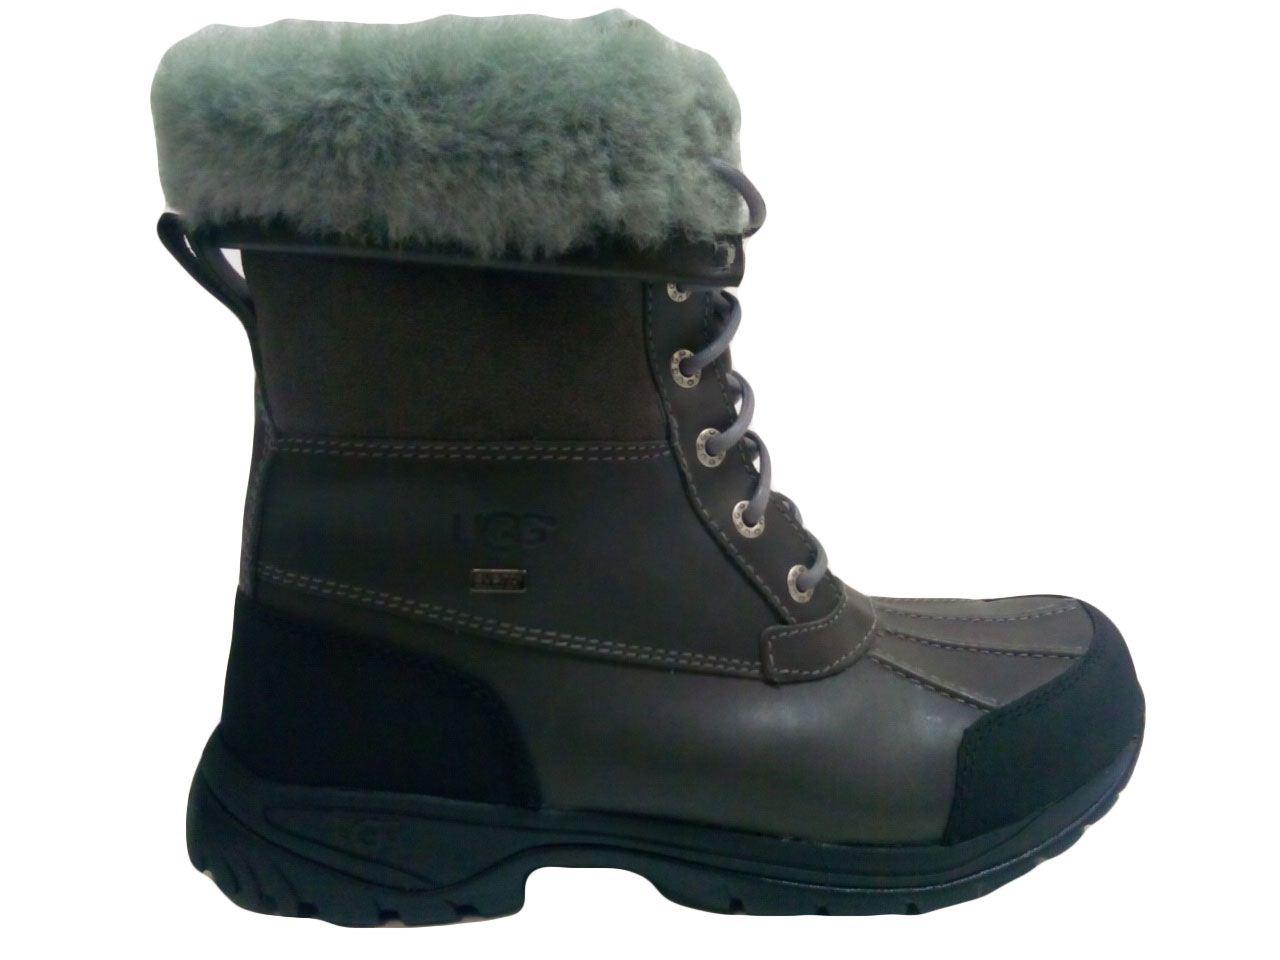 c25ffe0034b Ugg Australia Mens Butte Winter Boots - cheap watches mgc-gas.com